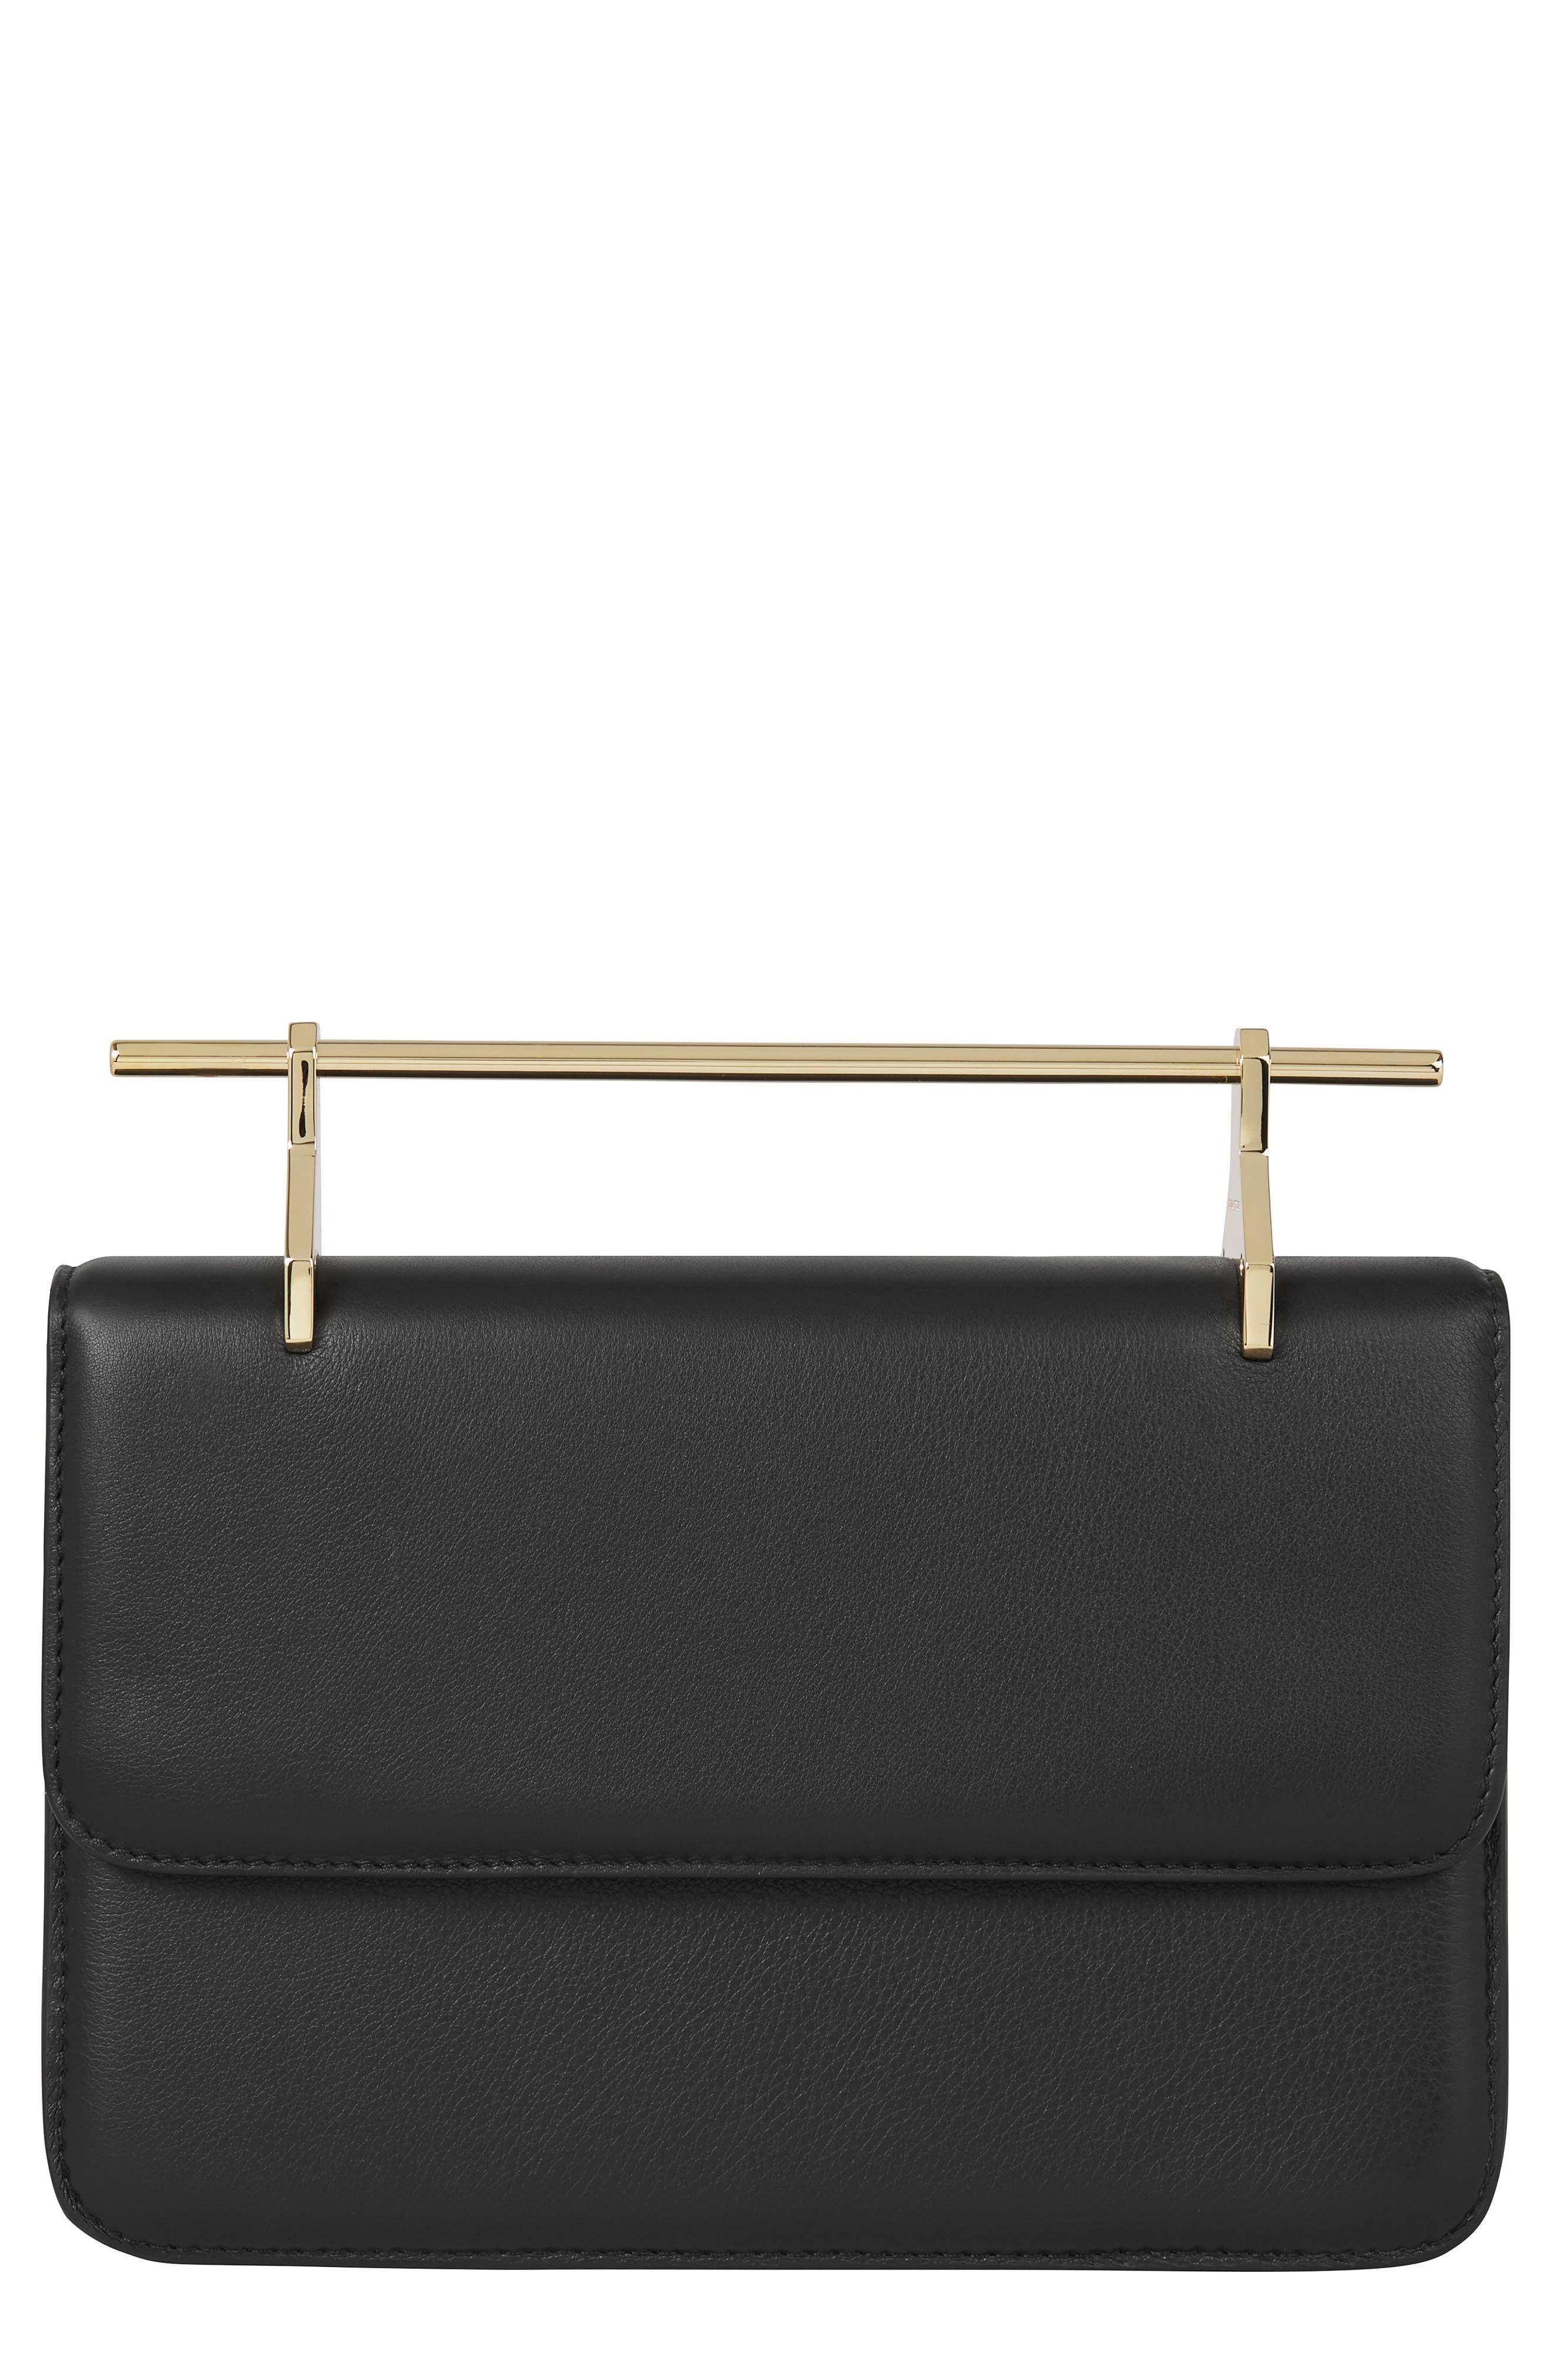 La Fleur du Mal Leather Shoulder Bag,                             Main thumbnail 1, color,                             Black/ Gold